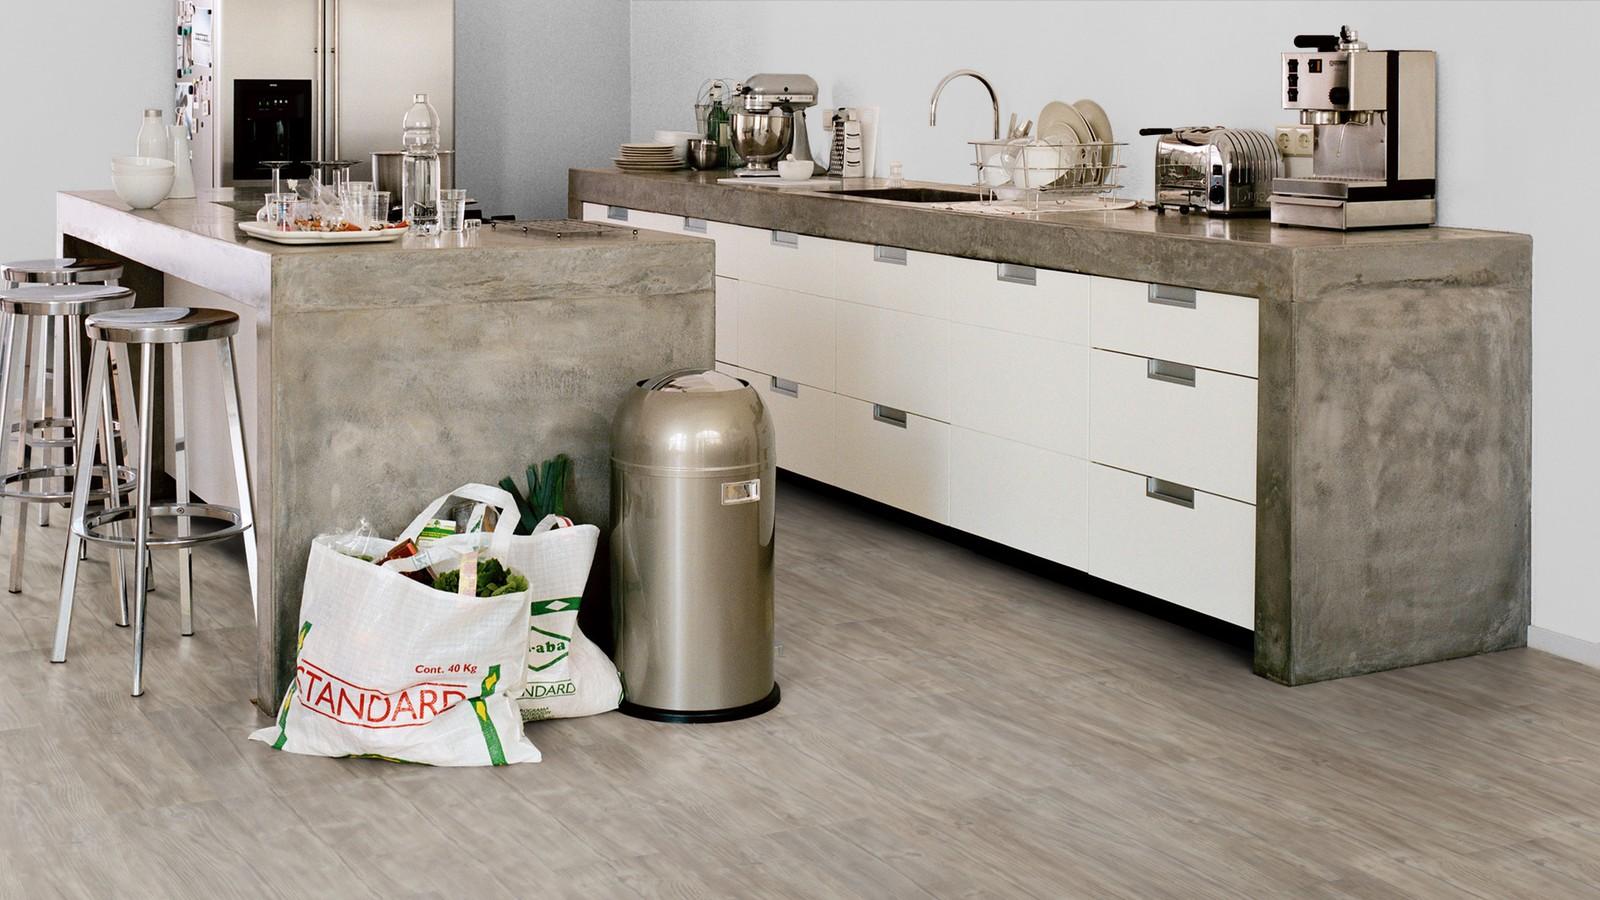 Forbo allura click 40 Designboden Klicksystem weathered rustic pine Bodenbelag in der Küche